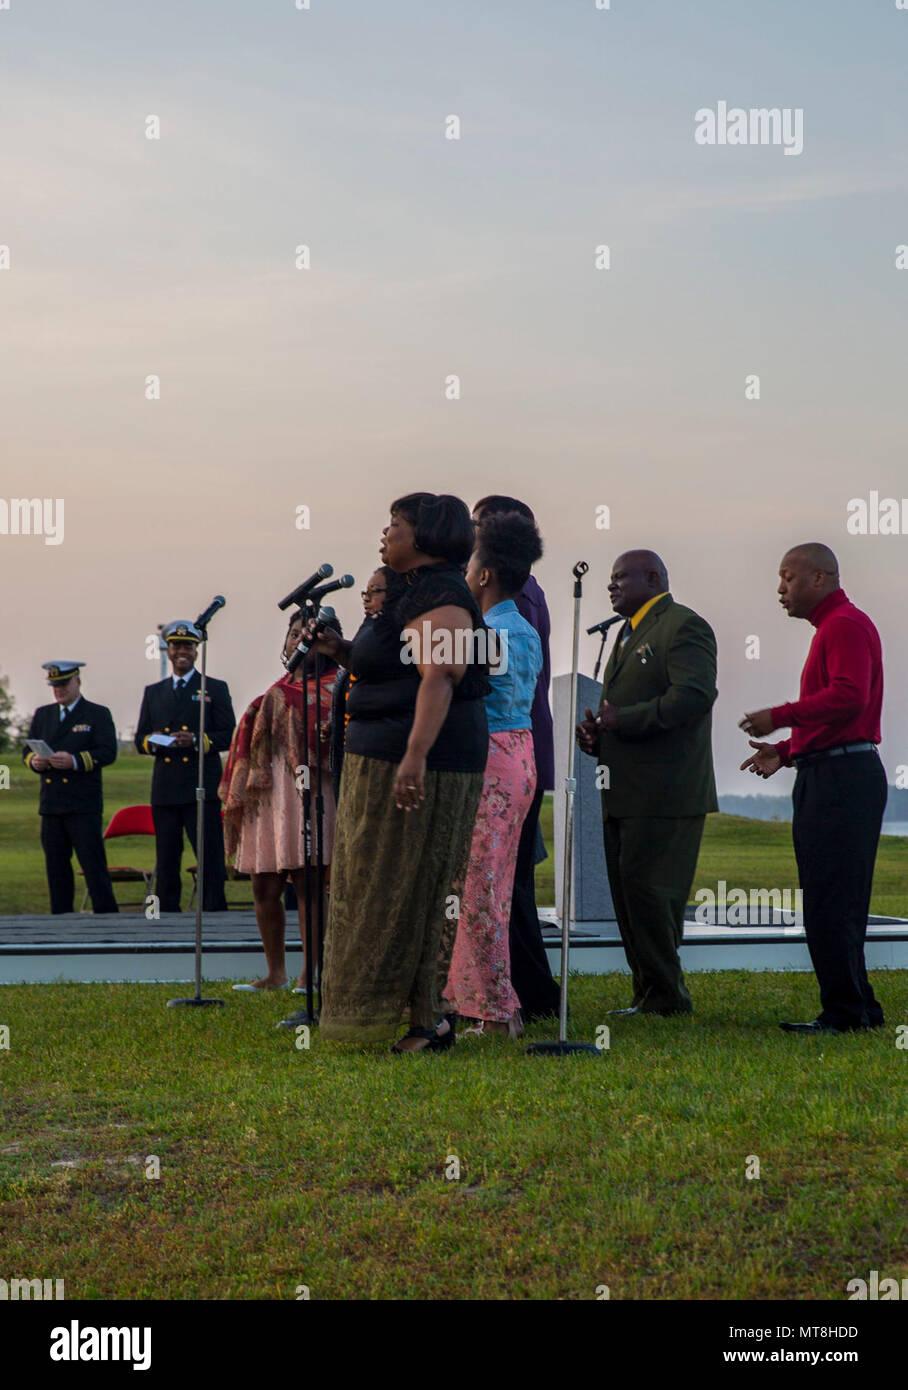 Eine Familie singt Lieder zusammen während der jährlichen Easter Sunrise Zeremonie, Camp Lejeune, N.C., 16. April 2017. Jedes Jahr das Marine Corps Installationen Osten Kaplan hosts Die Easter Sunrise Zeremonie für die Marines und Seeleute, ihre Familien zu bringen und das Osterfest feiern. Stockbild